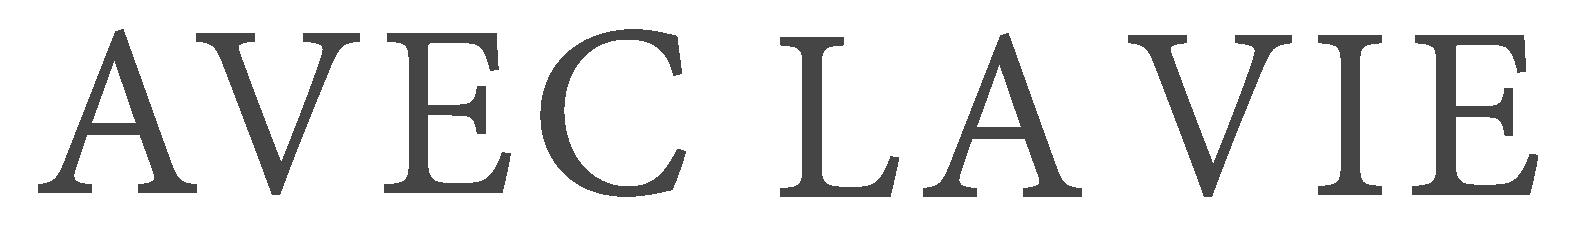 ALV_logo_5%22-01.png